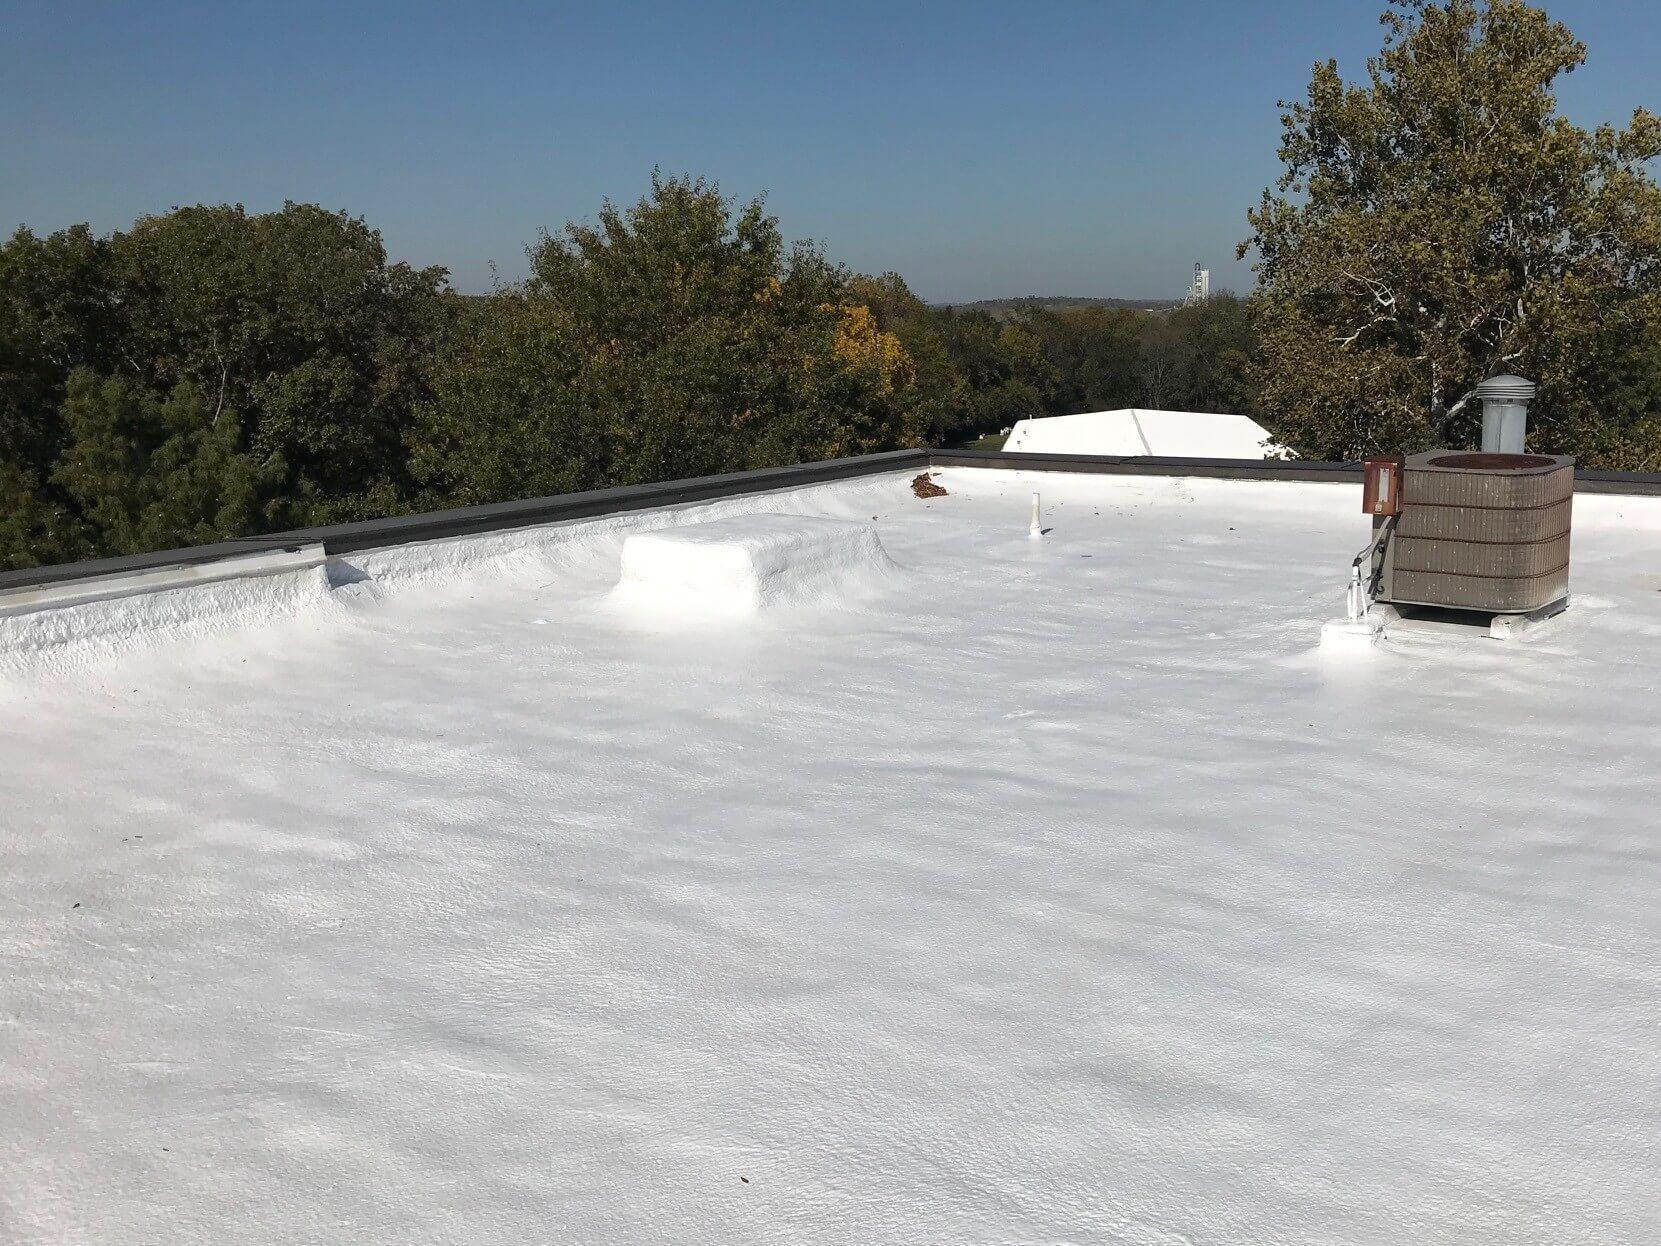 Foam Roof Coating Cost In 2020 Foam Roofing Spray Foam Roofing Polyurethane Spray Foam